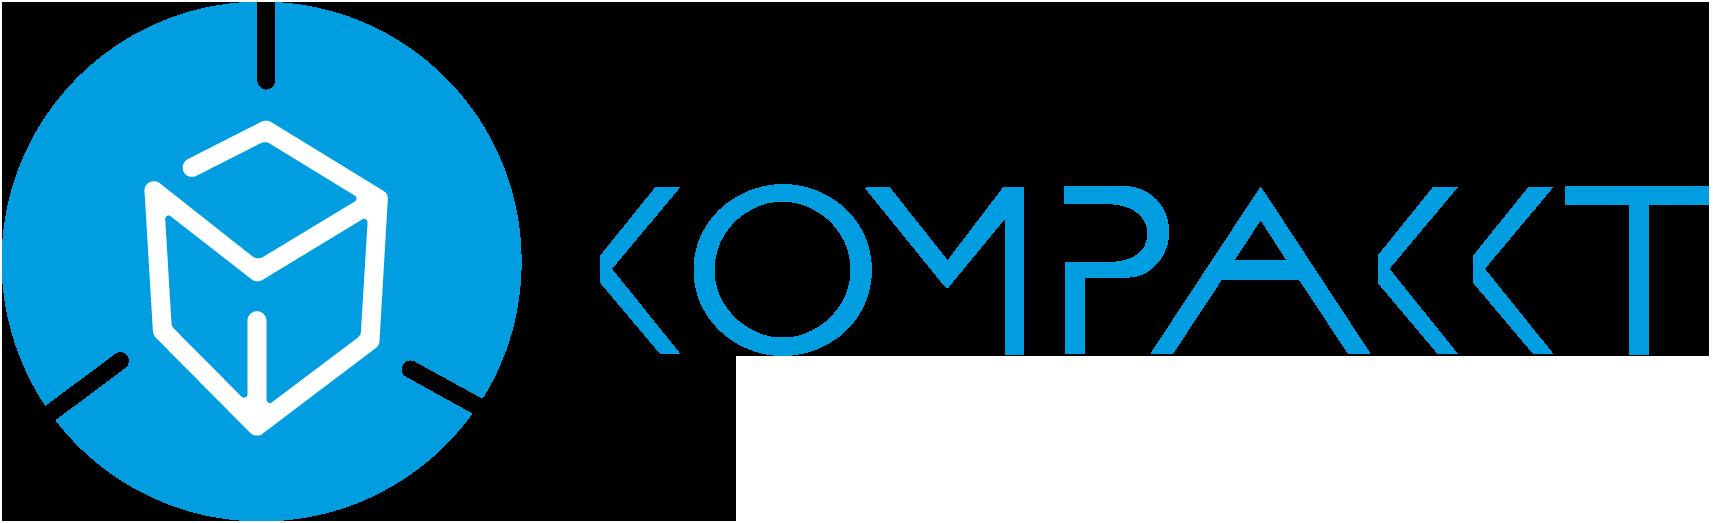 Kompakkt Logo